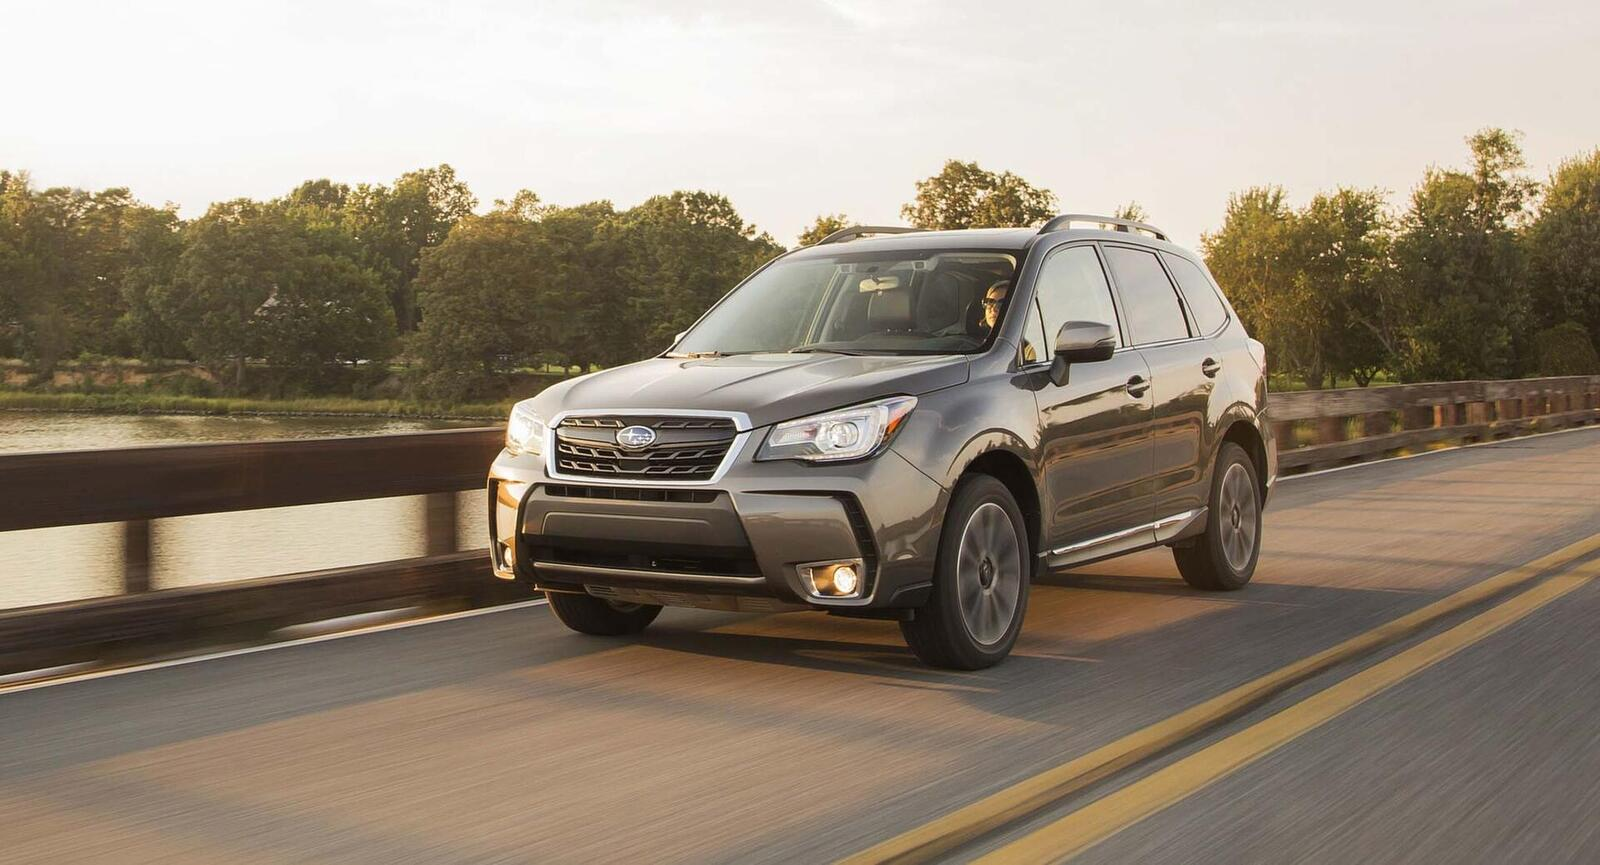 Sự khác biệt giữa Subaru Forester thế hệ mới và cũ - Hình 2